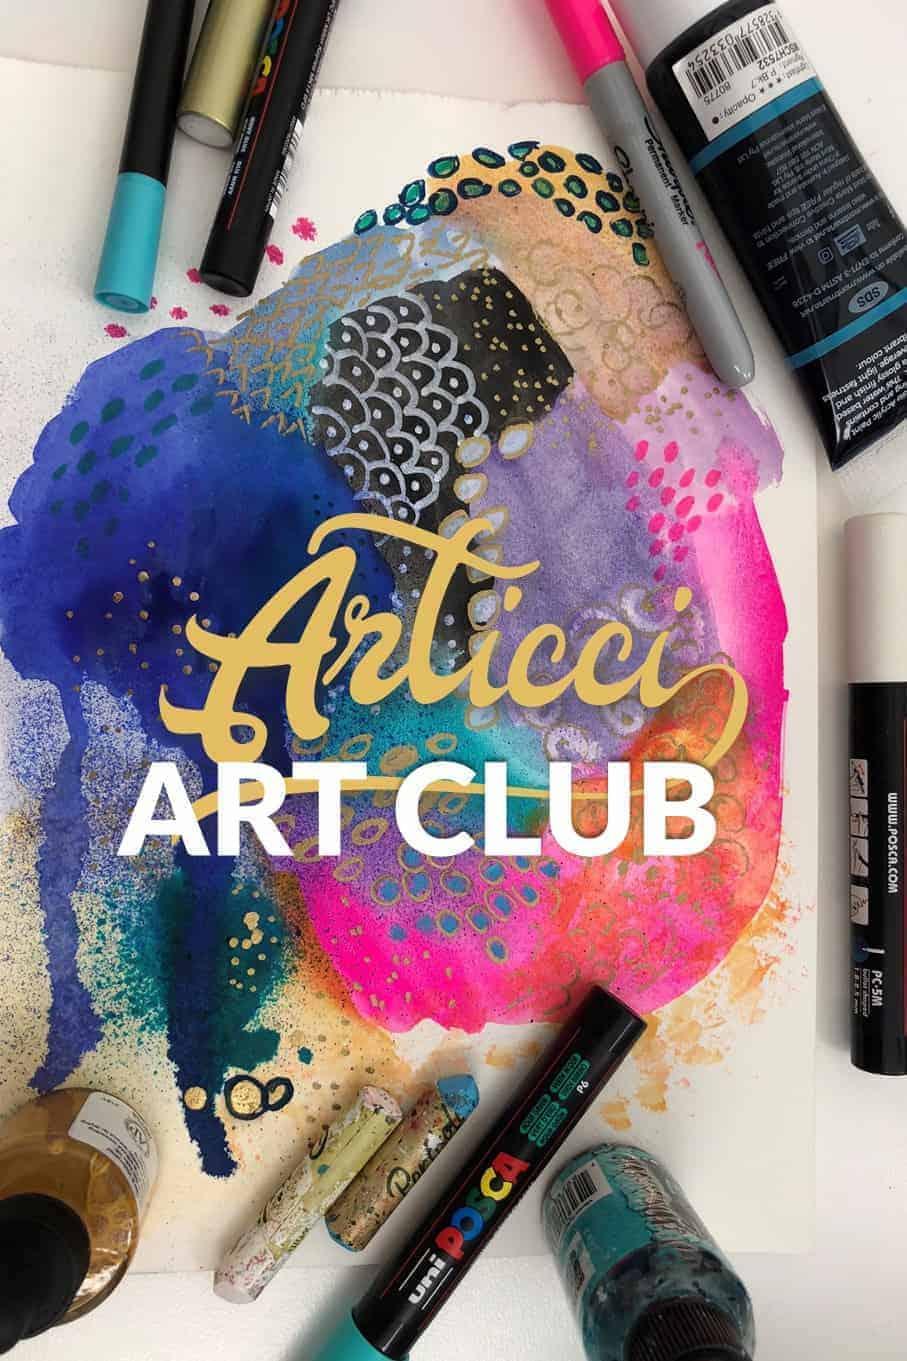 Articci Art Club